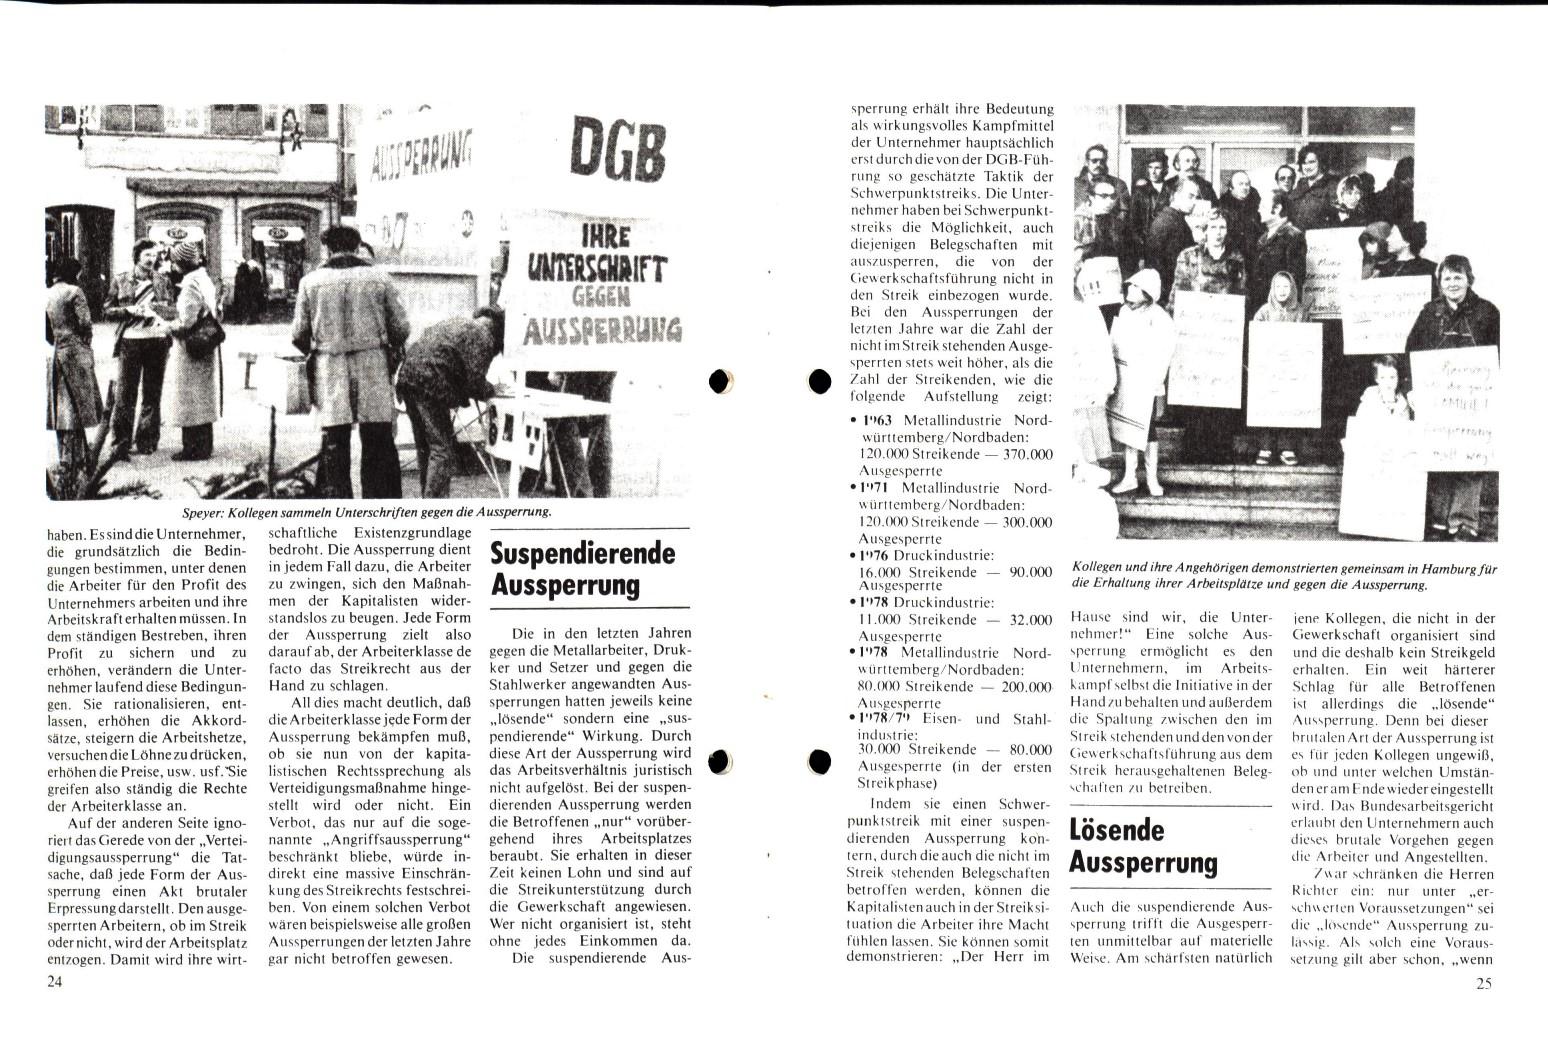 KPDML_1979_Aussperrung_verbieten_13